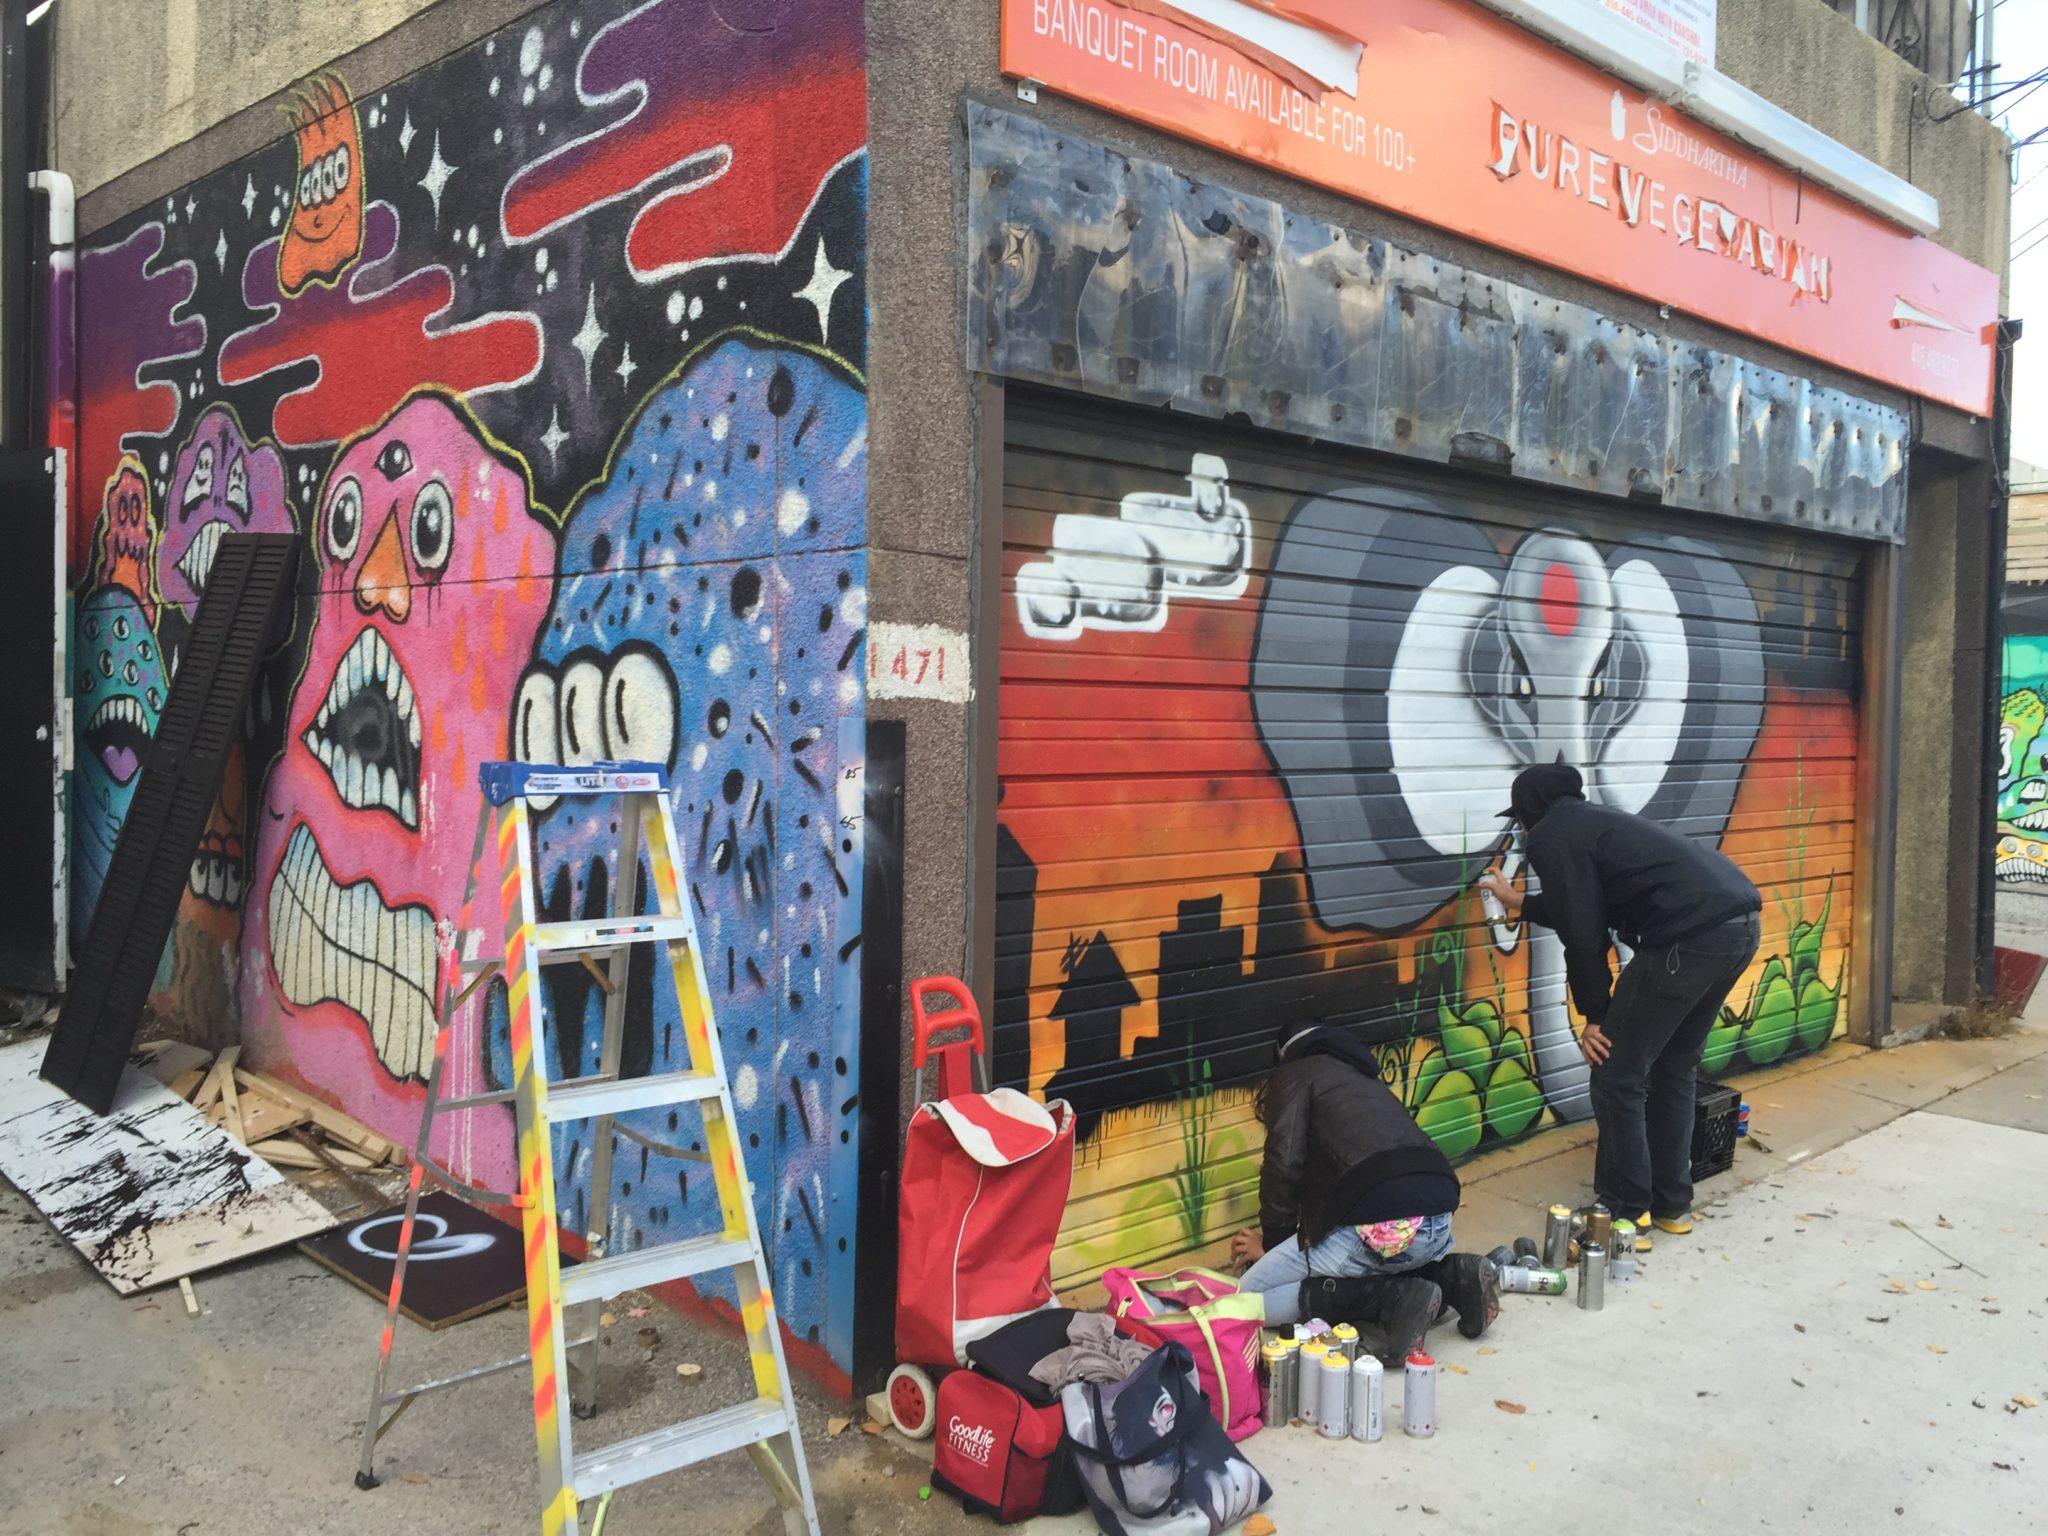 Graffiti Alley East